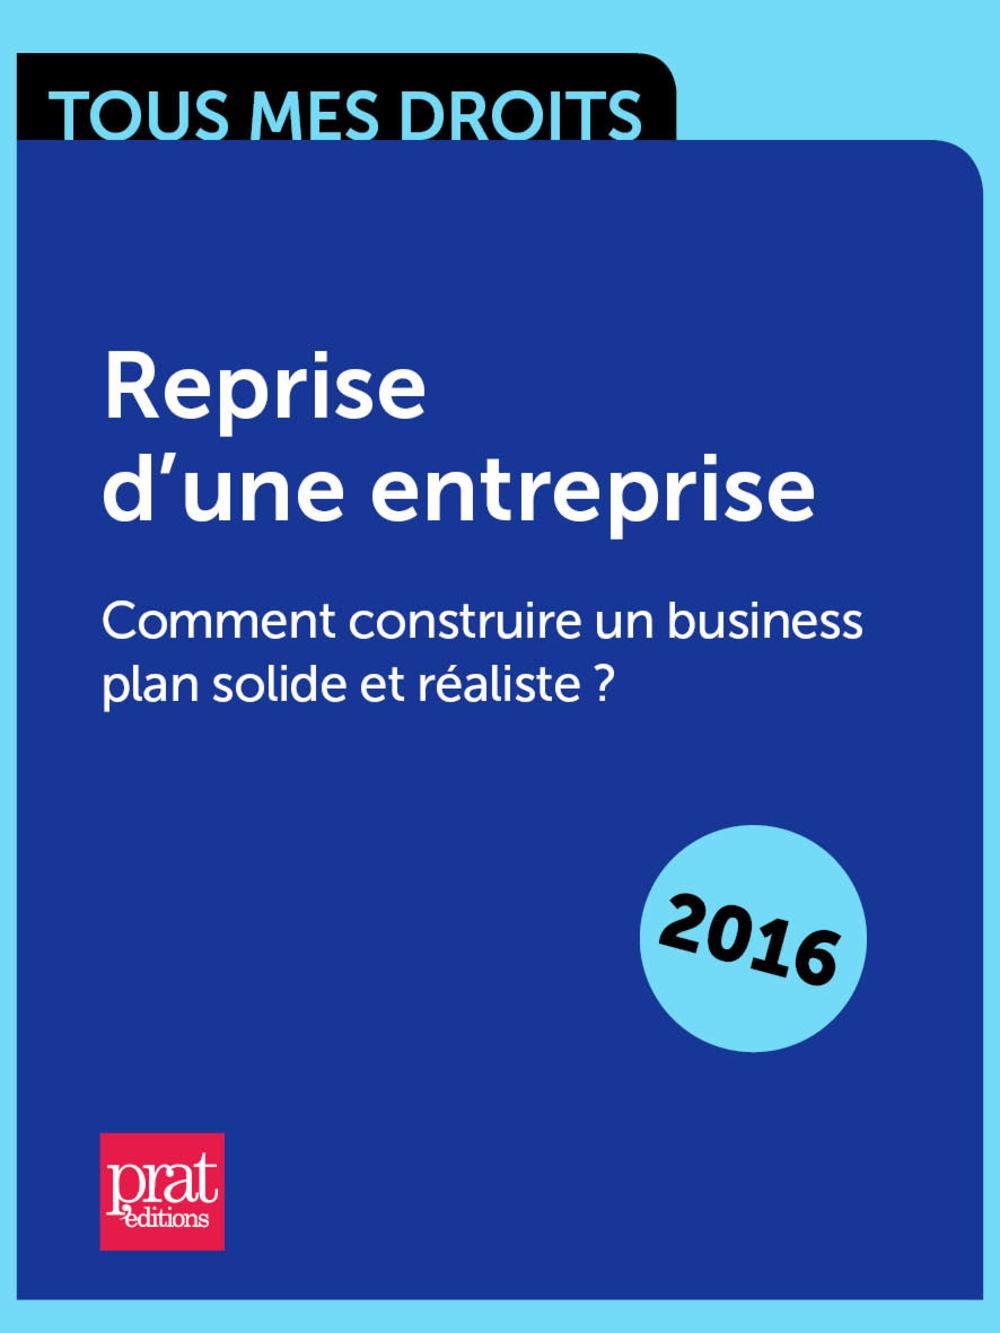 Reprise dune entreprise : comment construire un business plan solide et réaliste ?